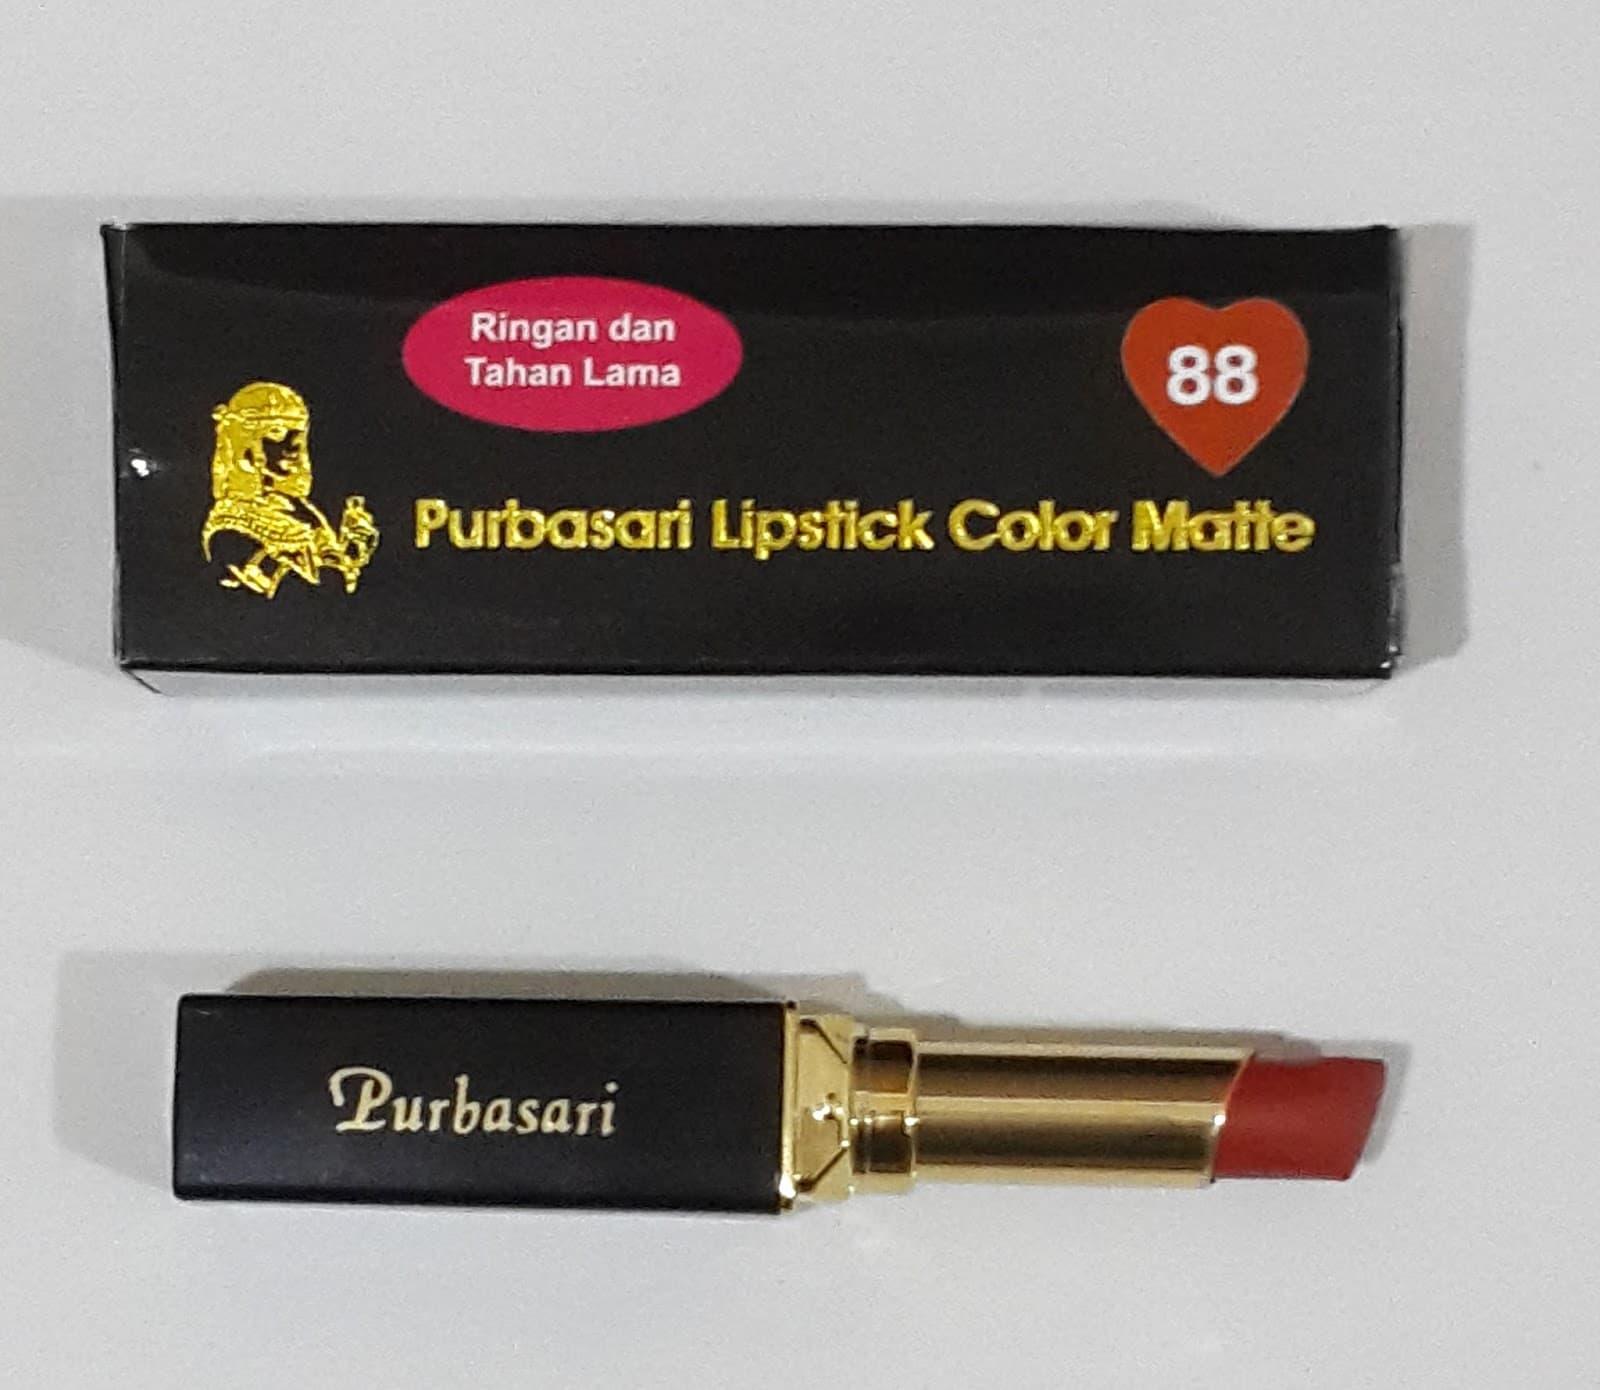 Jual Purbasari Lipstick Color Matte 88